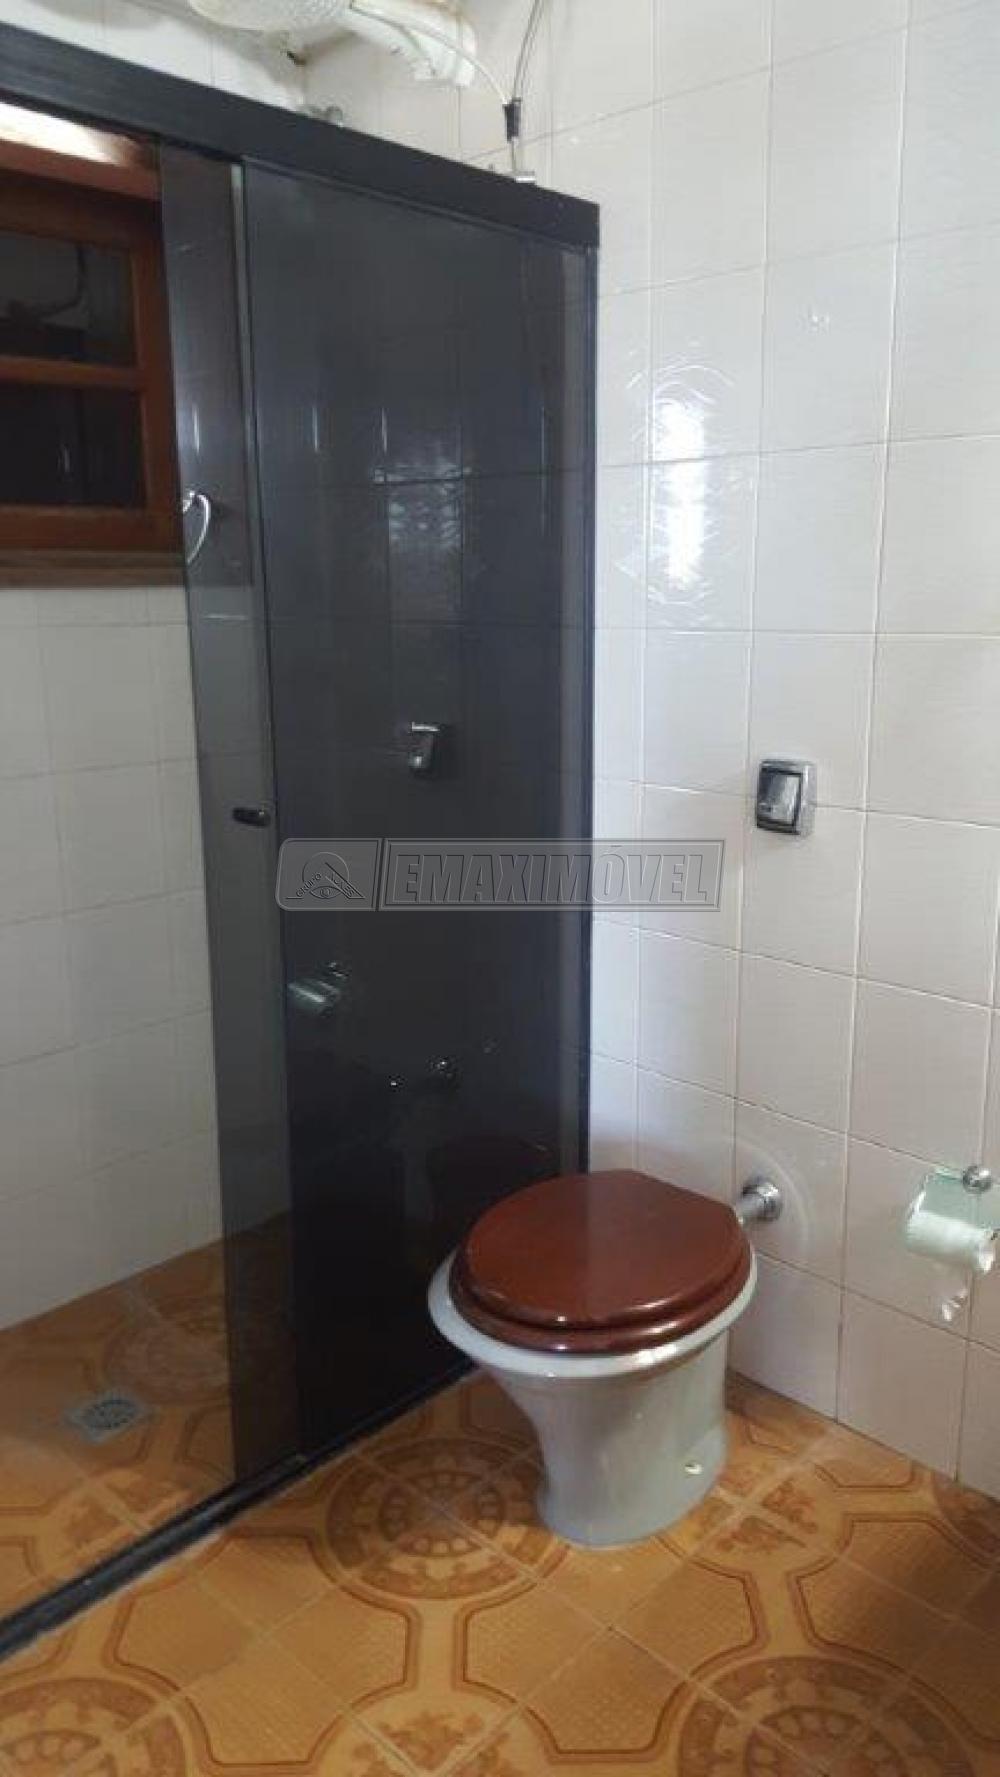 Comprar Comercial / Imóveis em Sorocaba R$ 990.000,00 - Foto 21